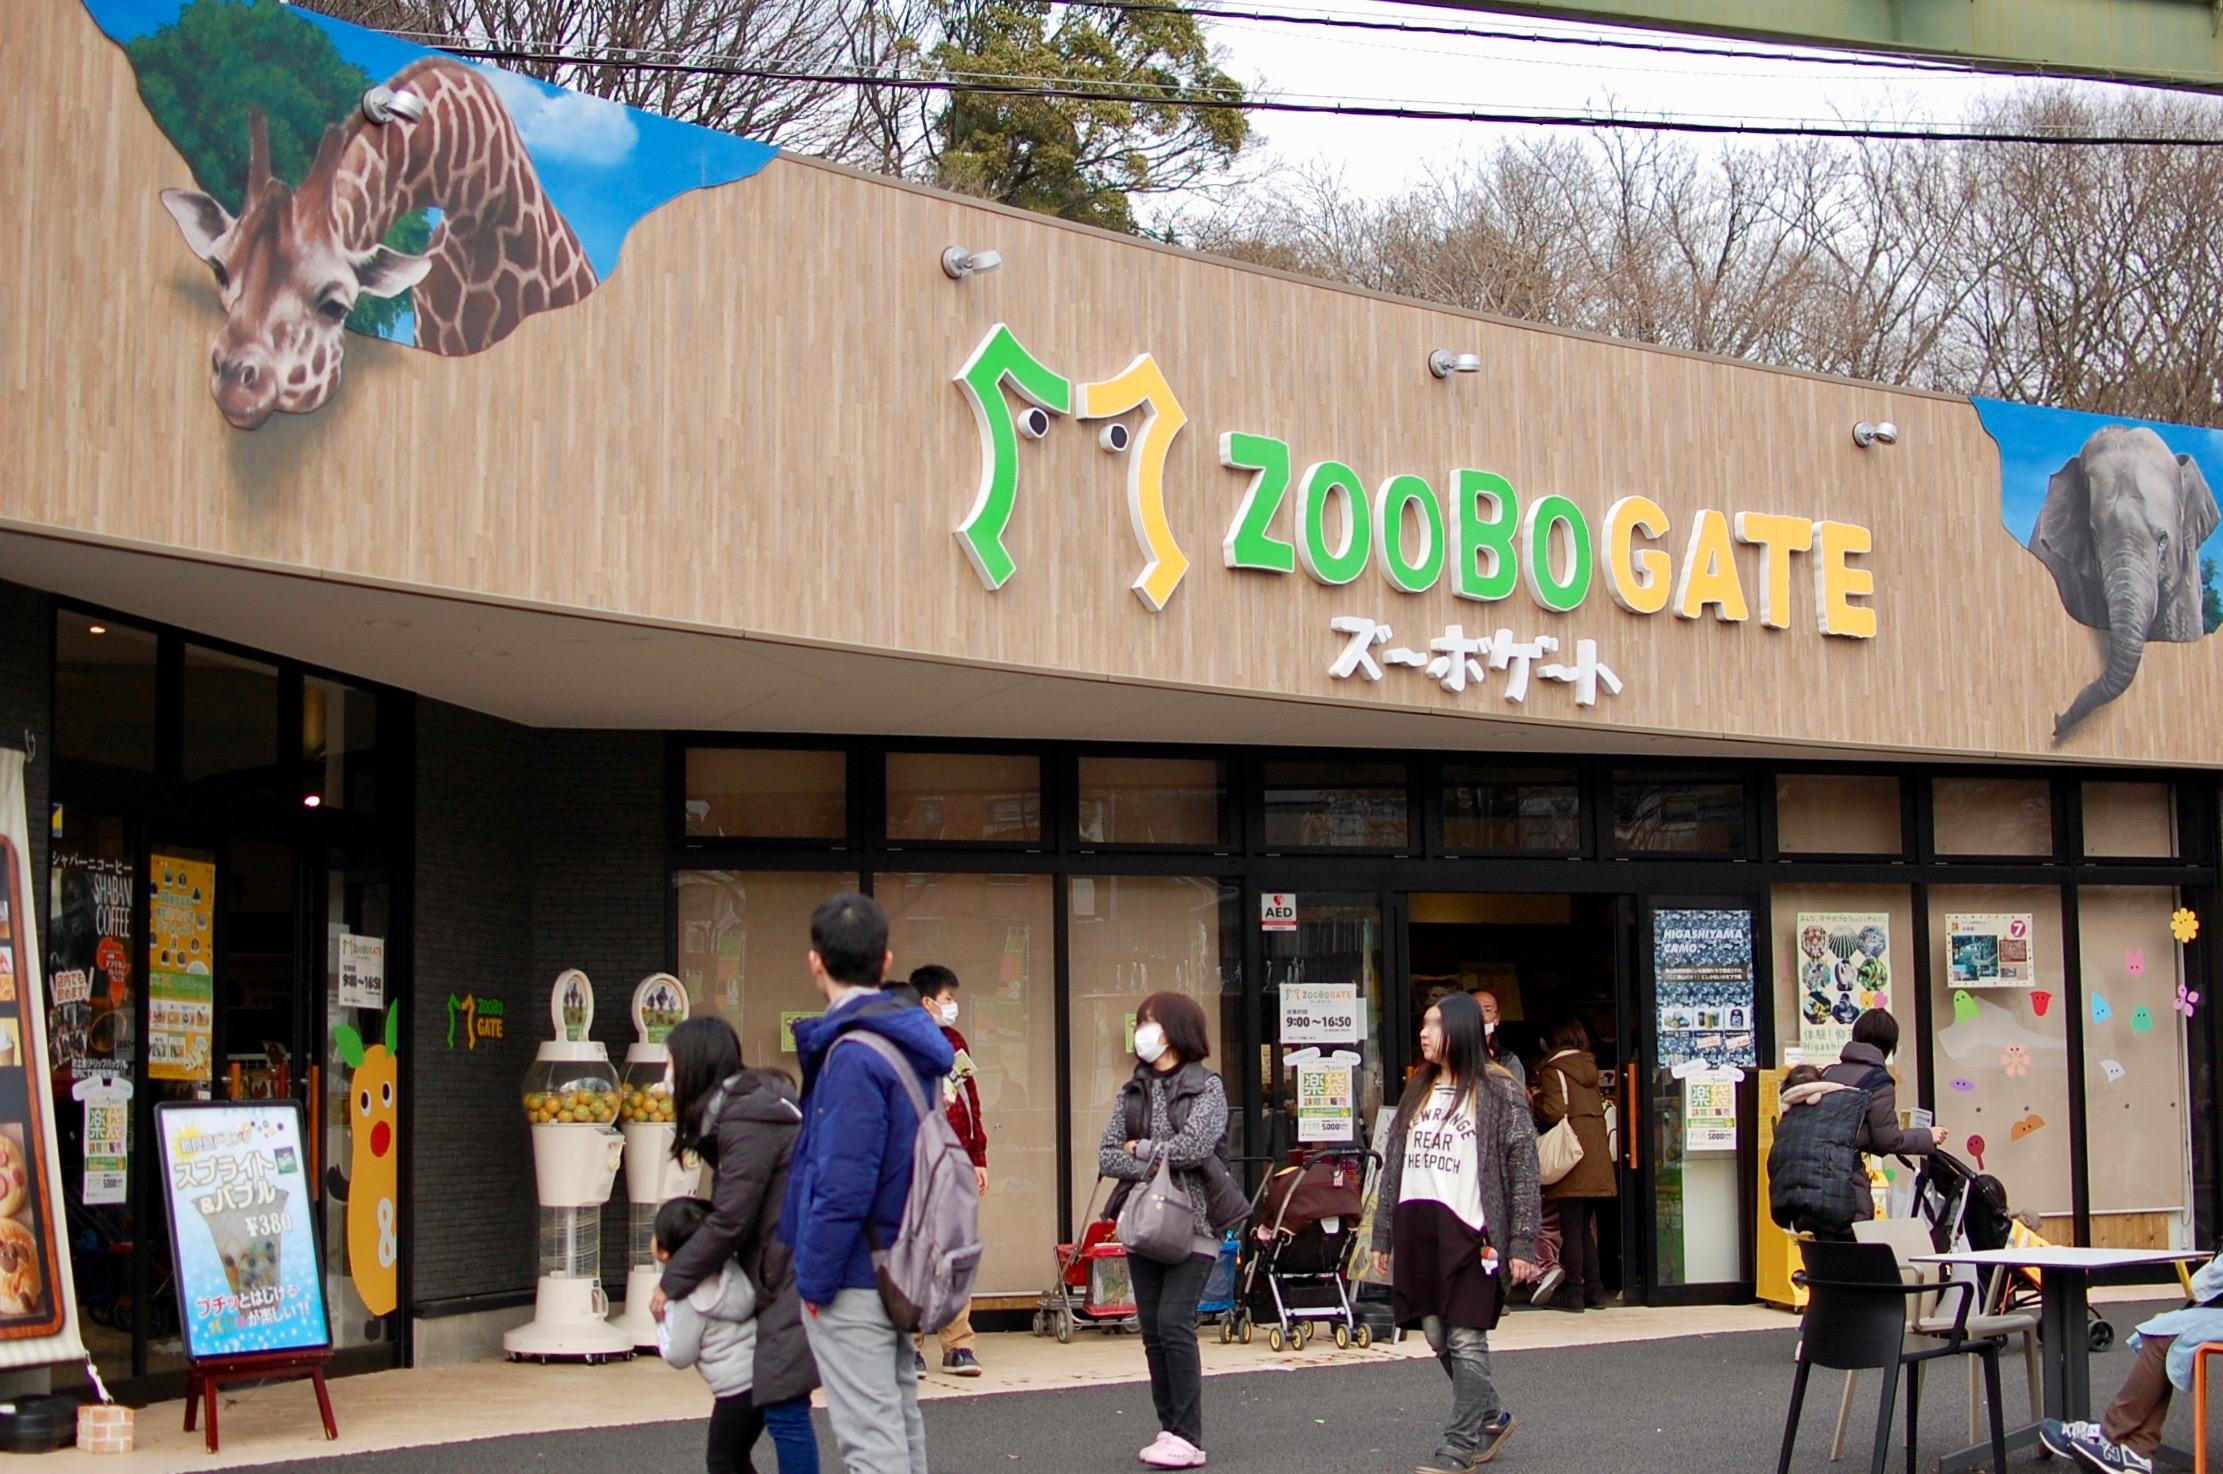 東山動物園の園長に聞いた!動物園をより楽しむためのプランとは - DSC 0278